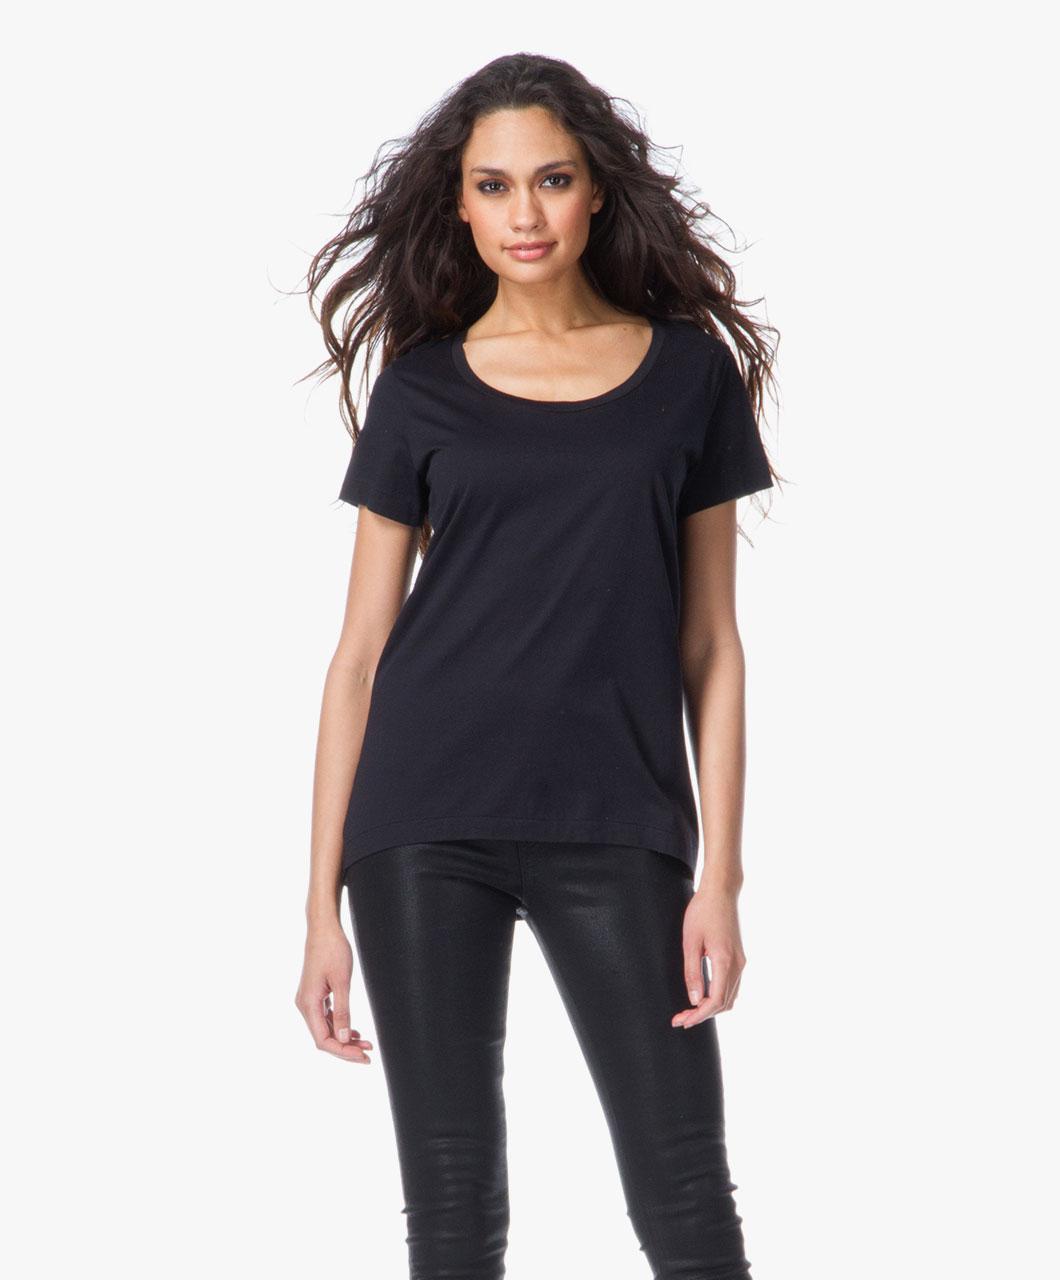 drykorn luna t shirt black luna 500206 1000. Black Bedroom Furniture Sets. Home Design Ideas